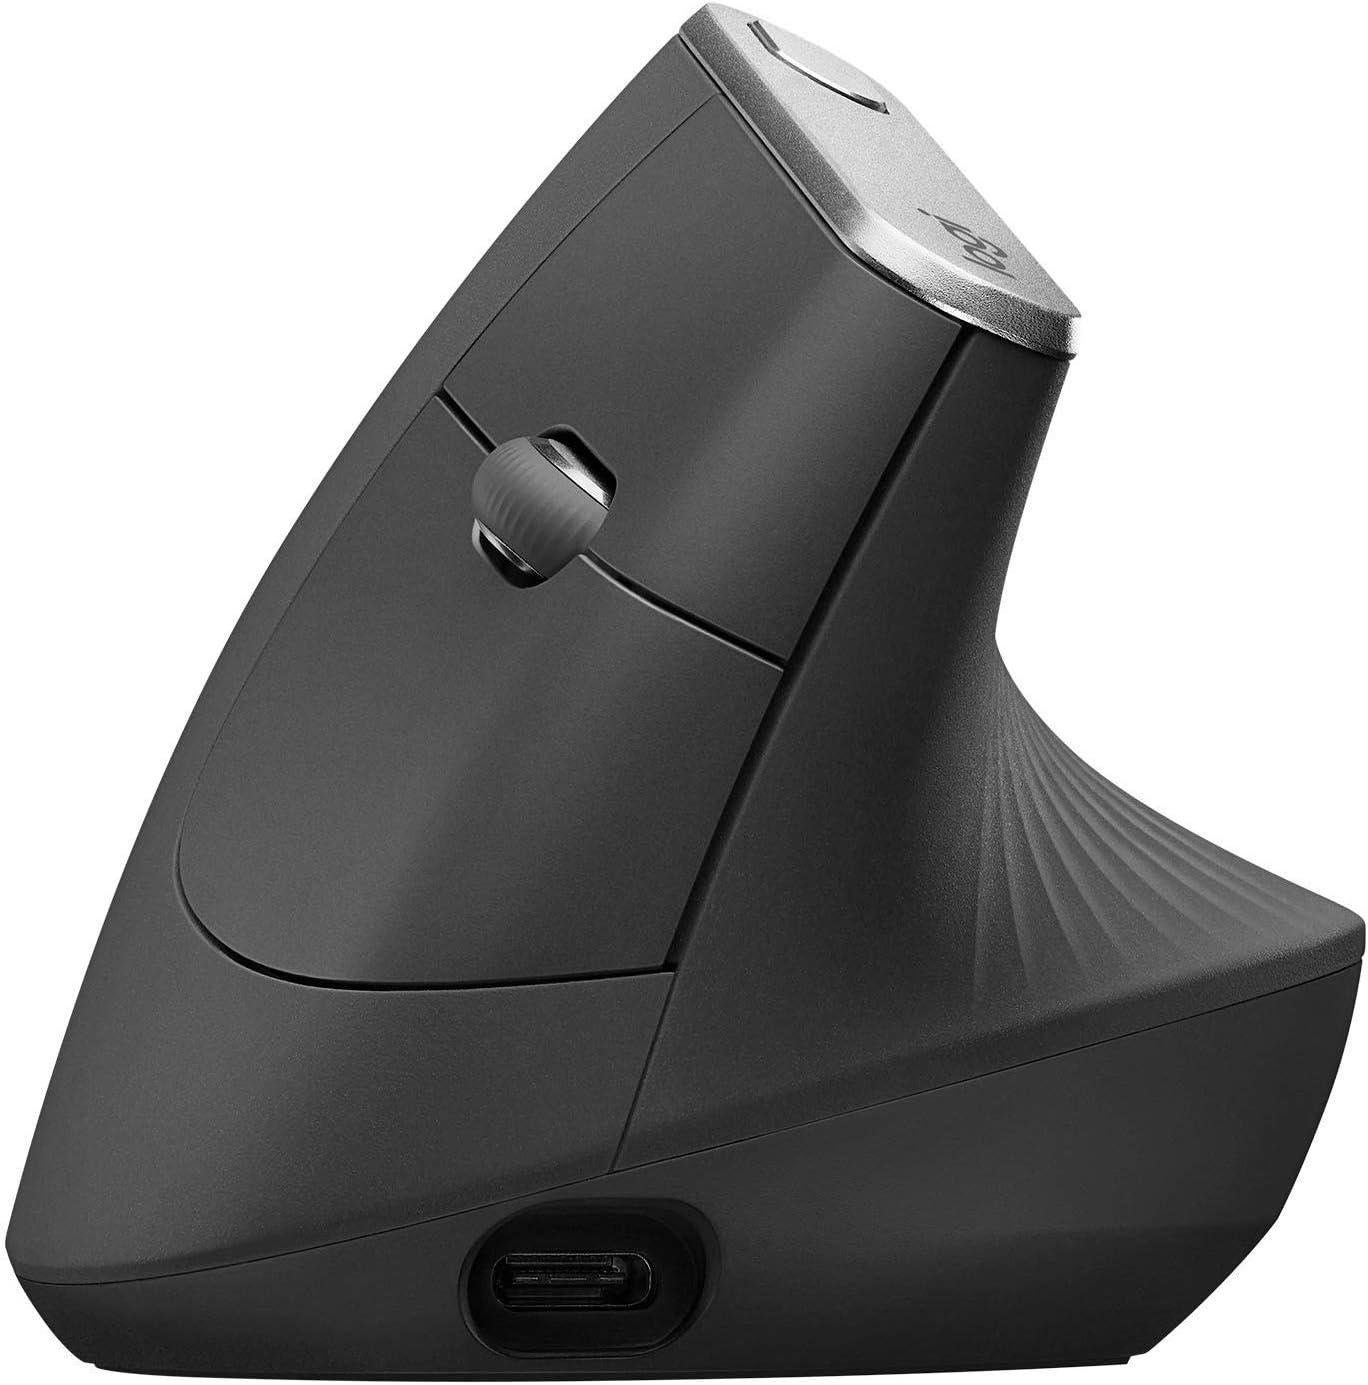 Logitech MX Vertical Ratón Inalámbrico Ergonómico, Multi-Ordenador, 2.4 GHz/Bluetooth con Receptor Unifying USB, Seguimiento Óptico 4000 DPI, 4 Botones, Carga Rápida, Portátil/PC/Mac/iPad OS, Negro